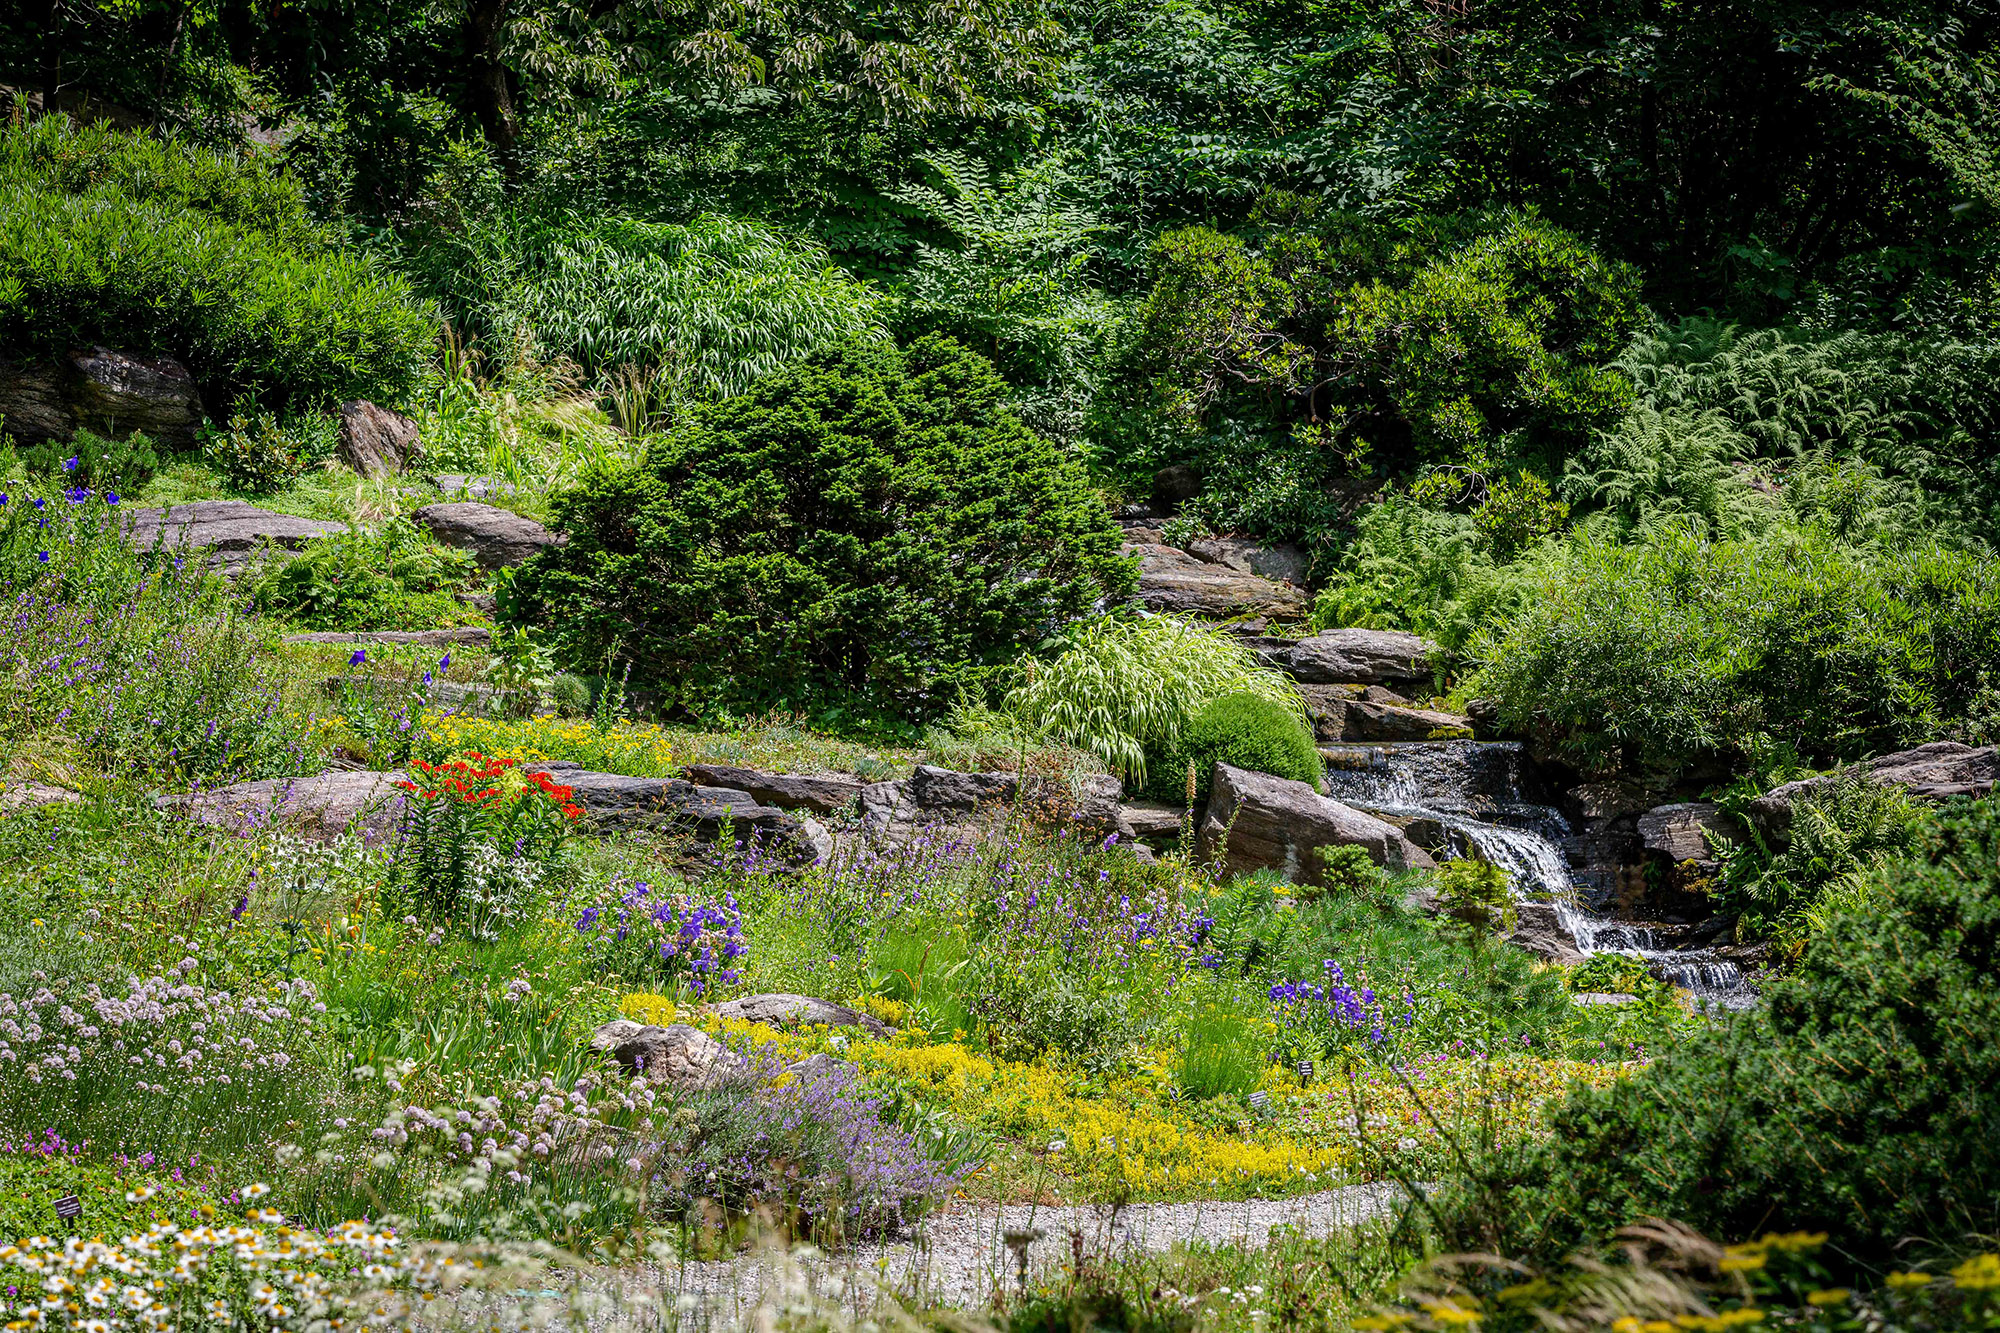 The Rock Garden